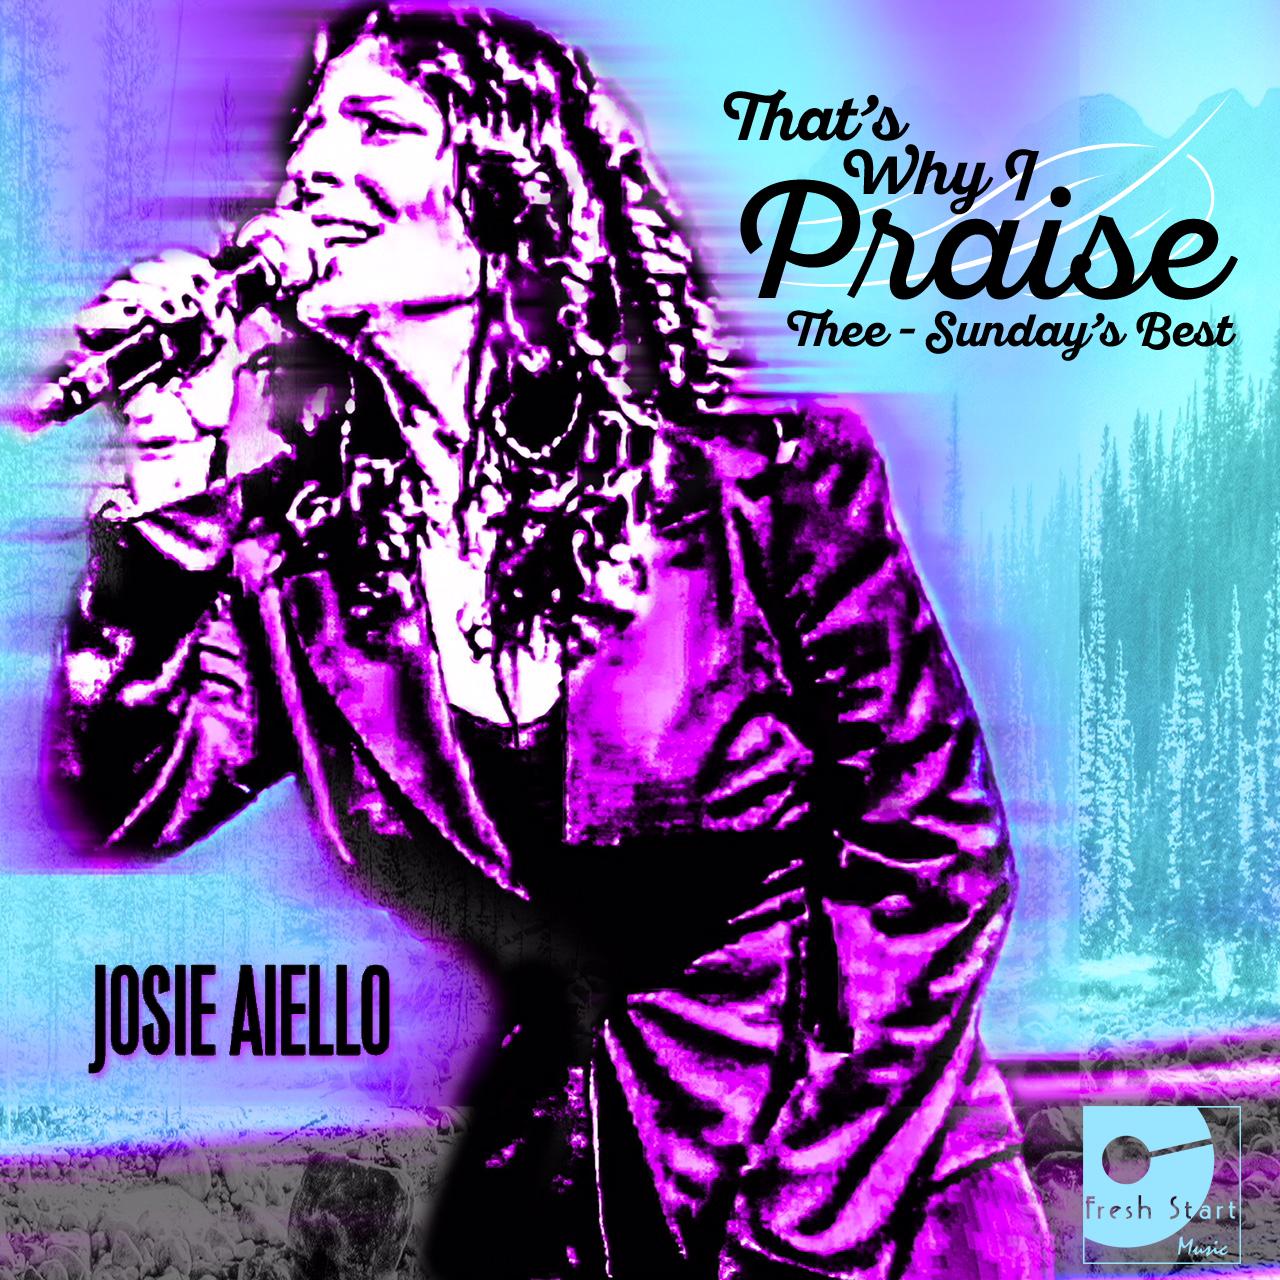 kepd_josie aiello_artwork_album_praise.jpg